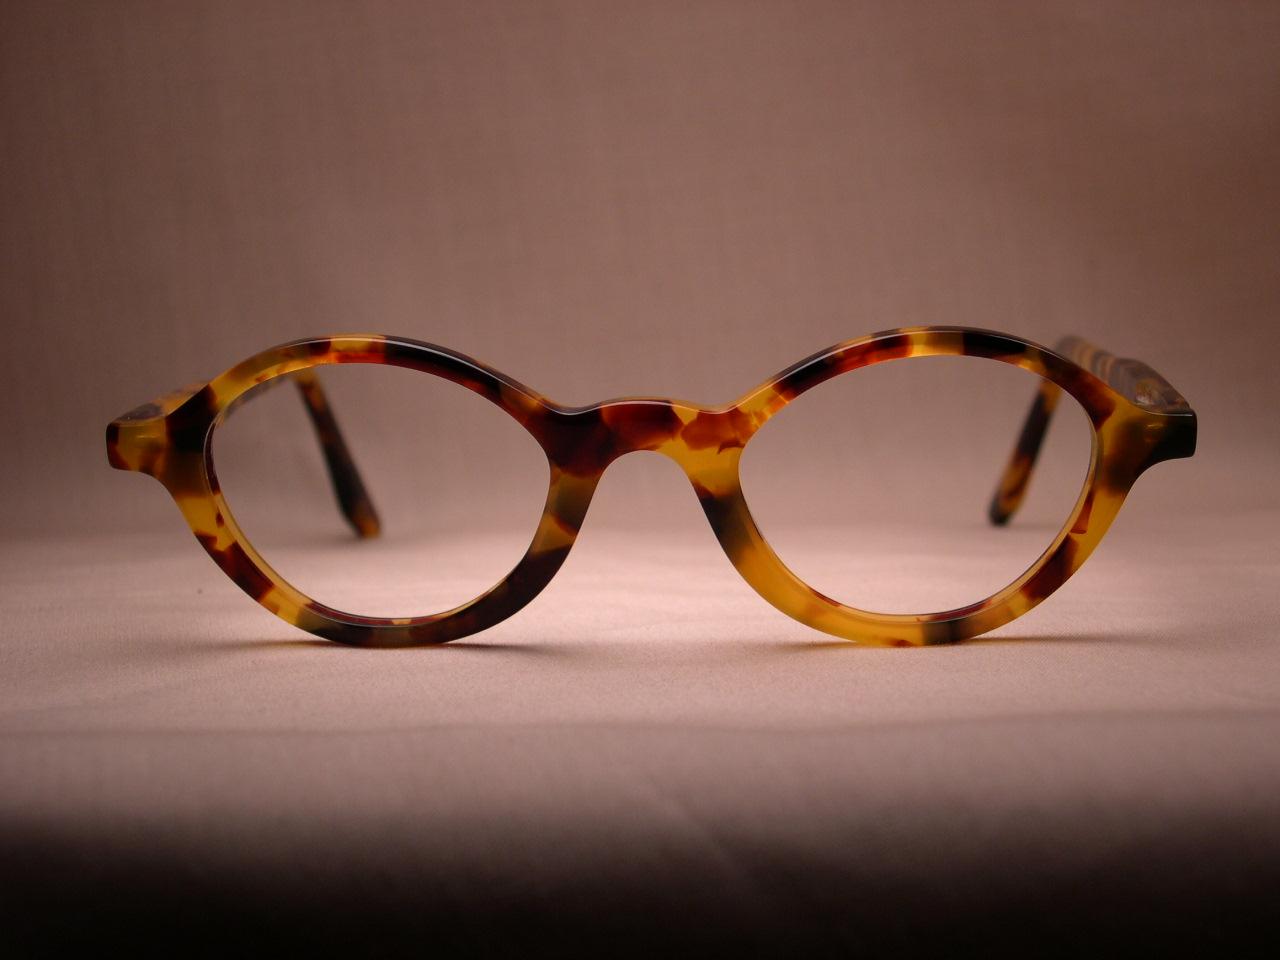 Indivijual-Custom-Glasses-9.jpg